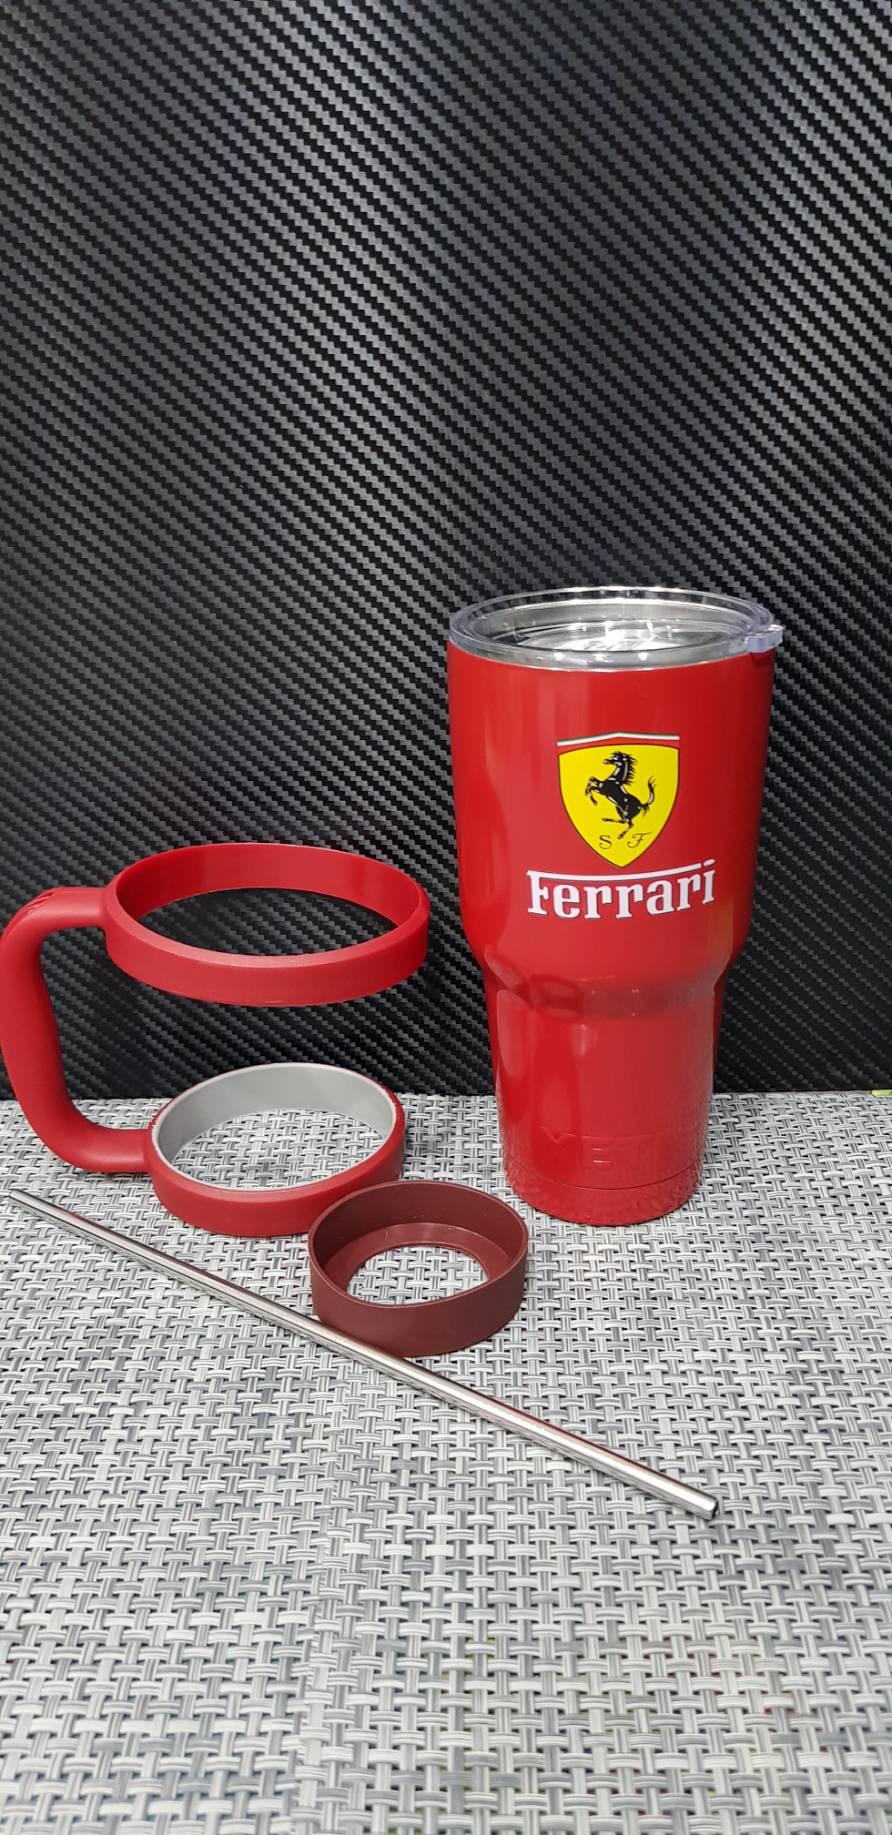 ชุดแก้วเยติ 30 ออนซ์ พื้นสีแดง โลโก้ Ferrari